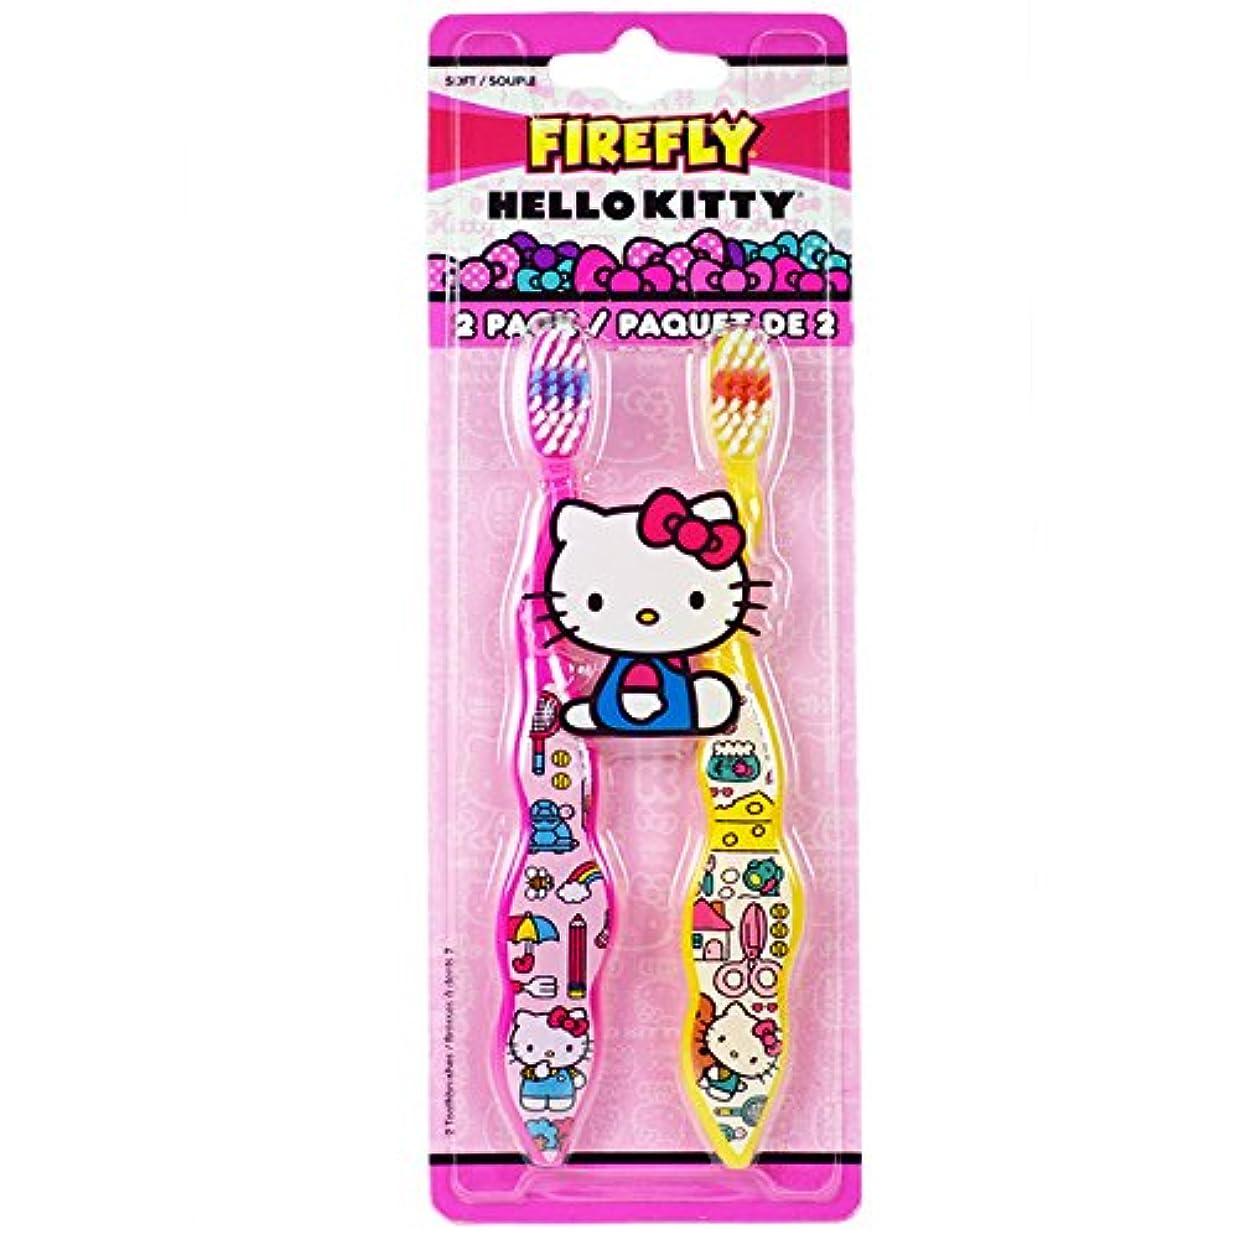 借りる熱評議会Dr. Fresh Firefly Hello Kitty Toothbrush, Soft by Firefly